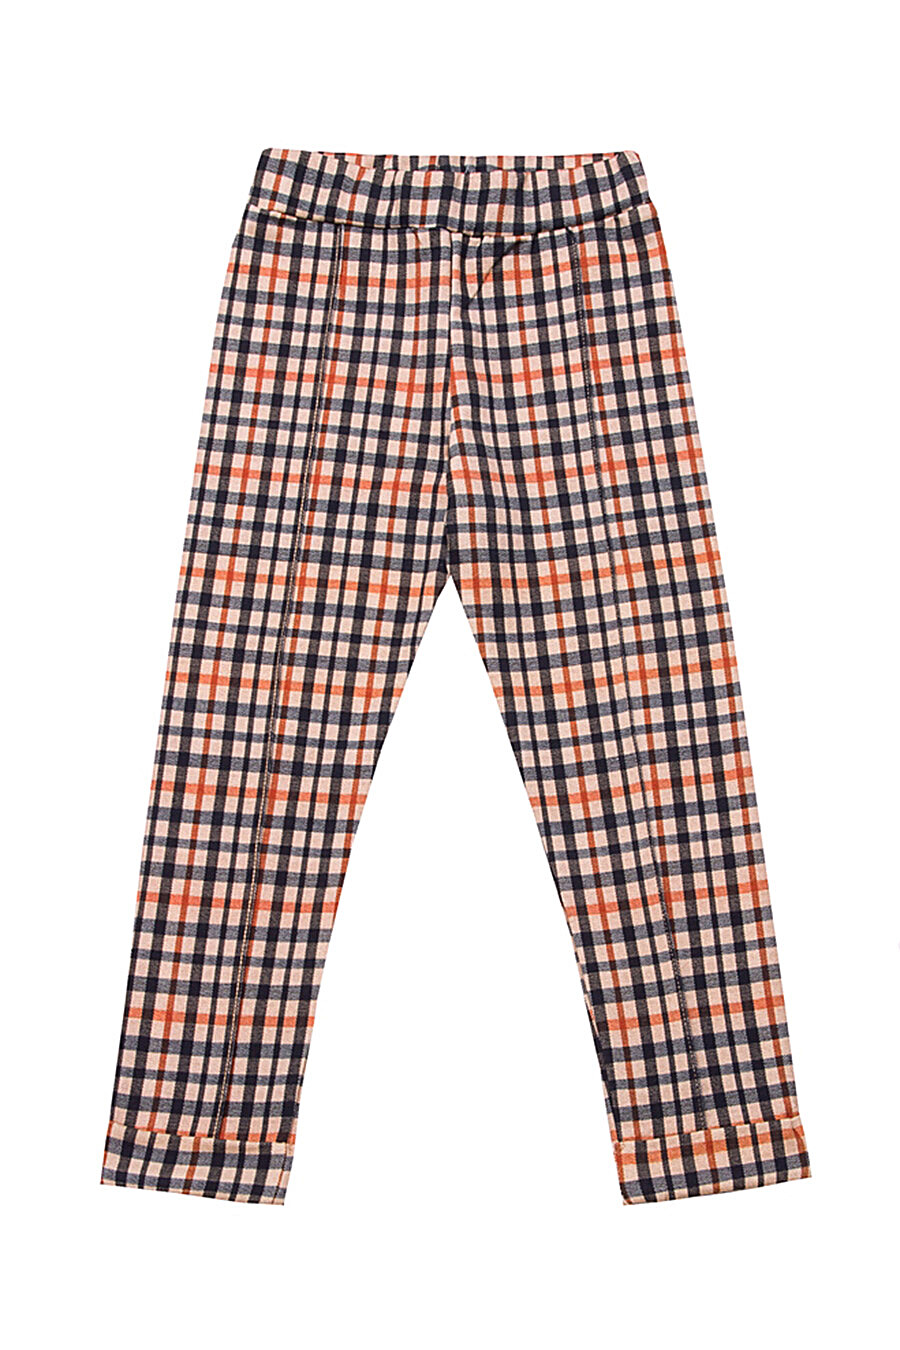 Брюки для девочек Archi 131551 купить оптом от производителя. Совместная покупка детской одежды в OptMoyo